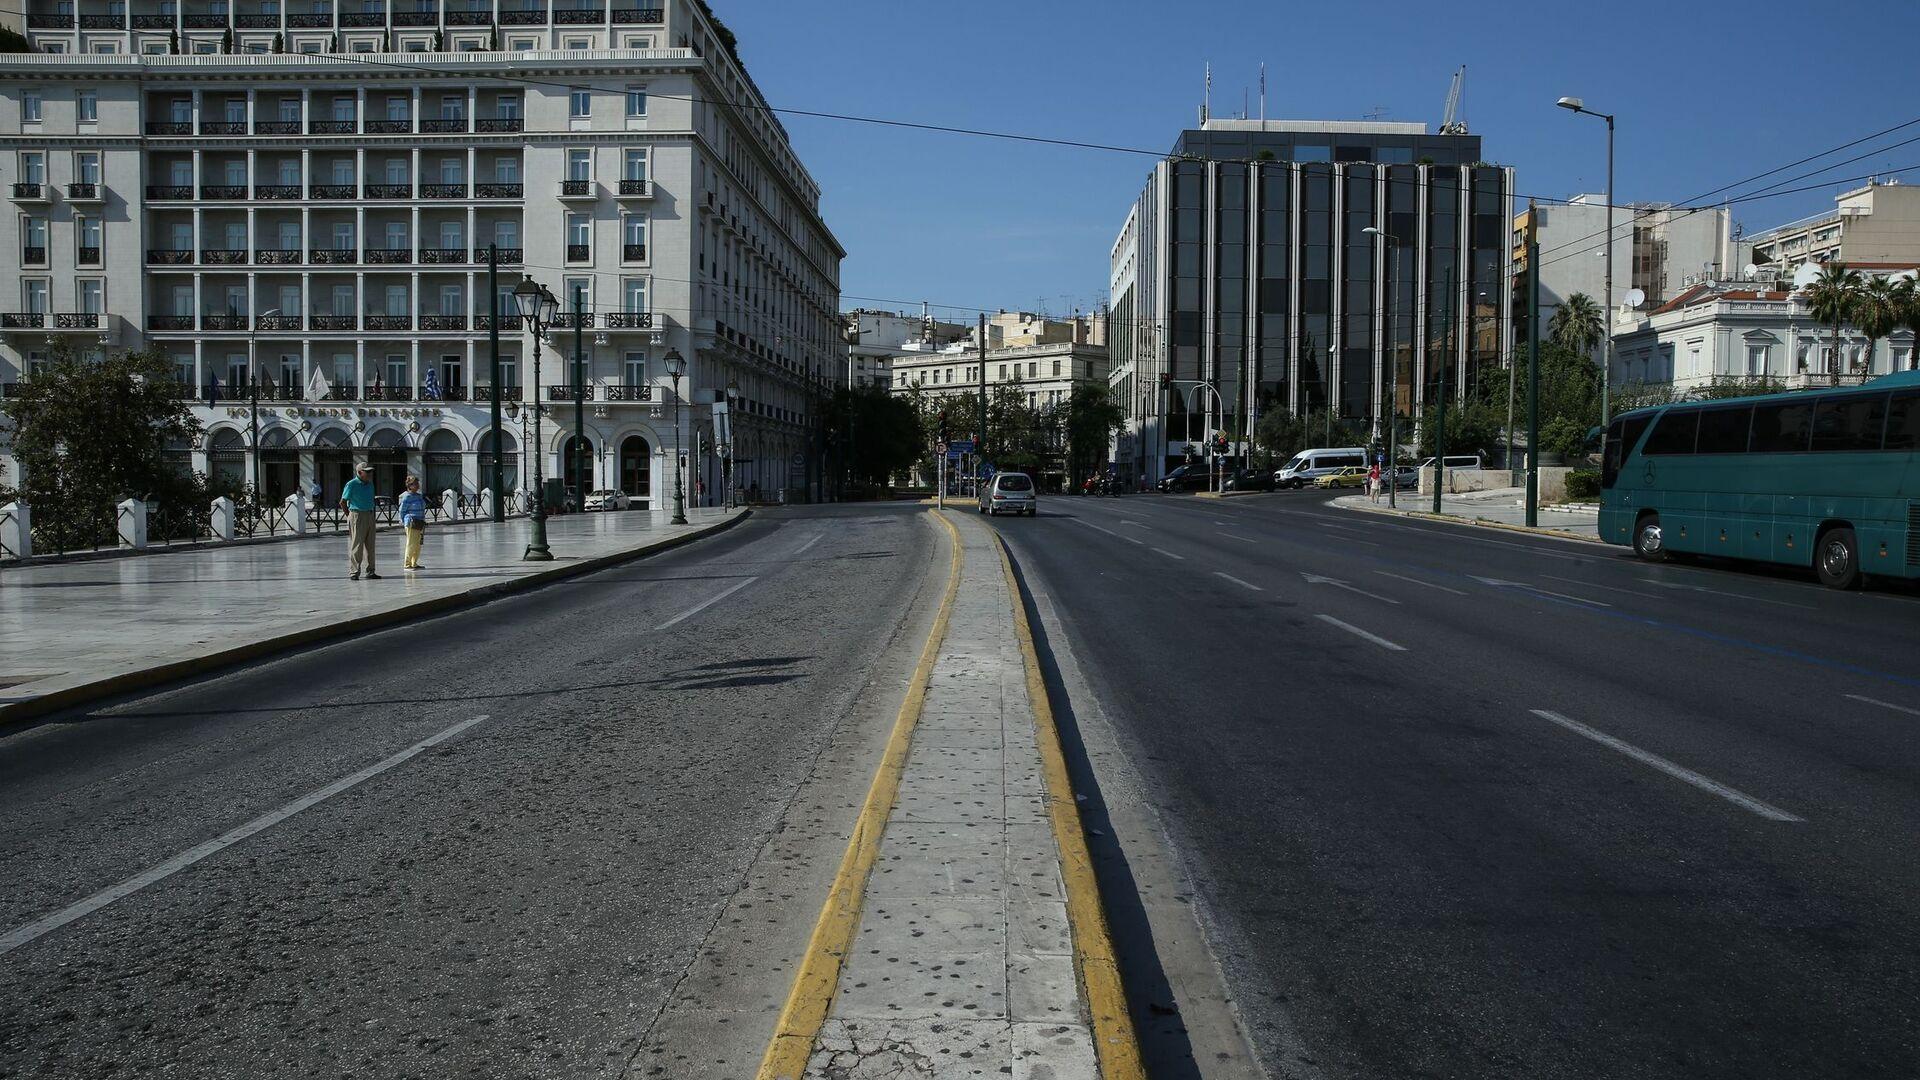 Άδειοι δρόμοι. - Sputnik Ελλάδα, 1920, 02.10.2021